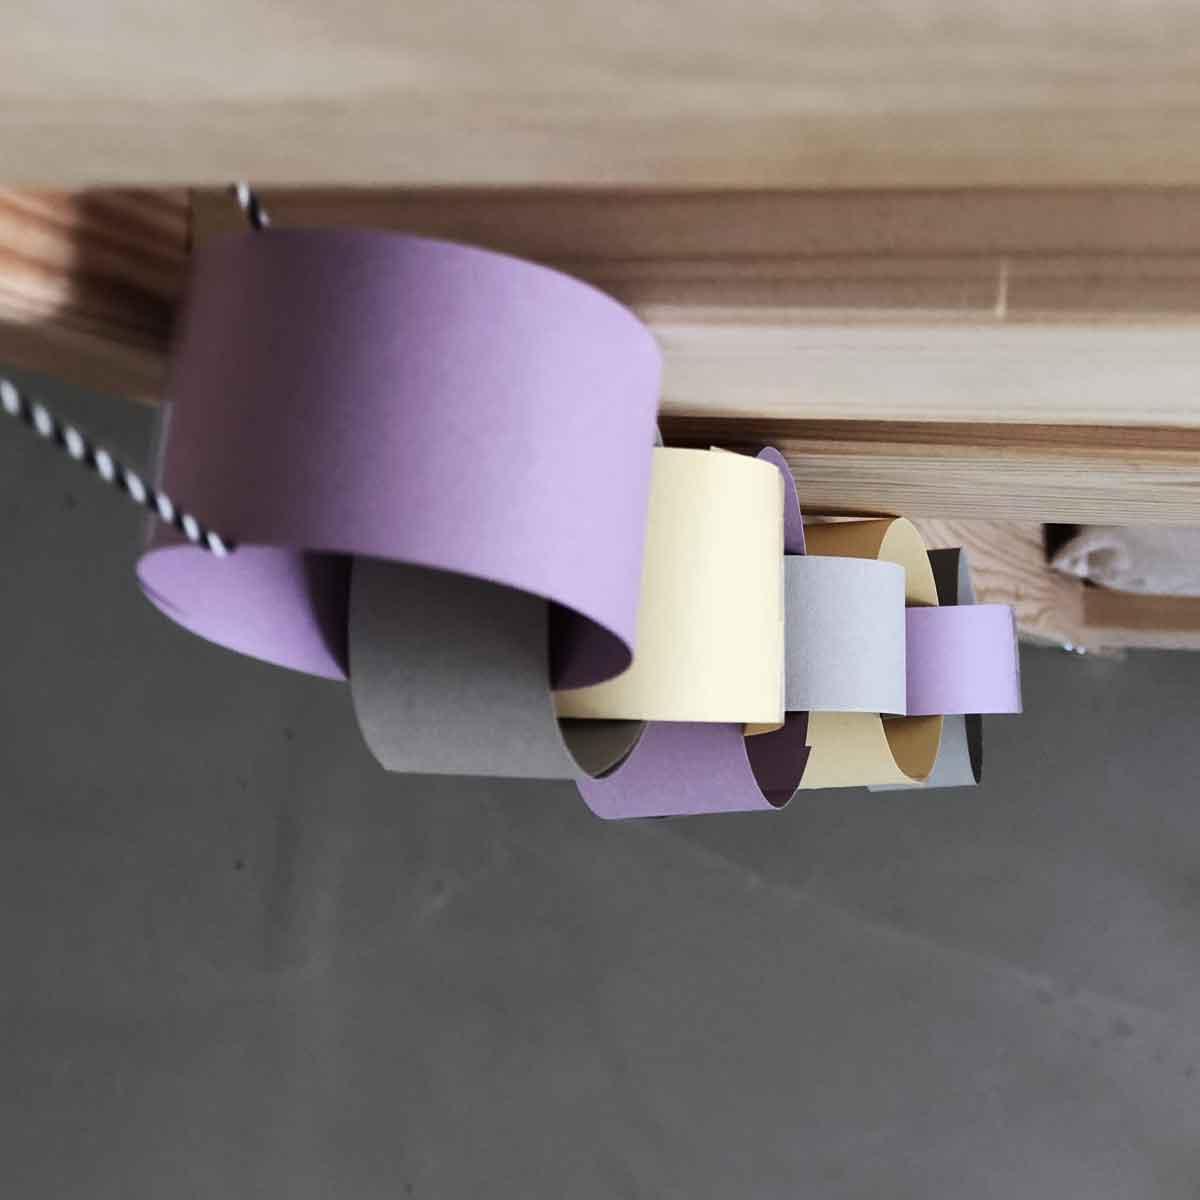 Geburtstag Countdown Girlande Bett Holz Papier Kinderzimmer haengend - Kindergeburtstag | Von Einhörnern und dem Warten auf den großen Tag